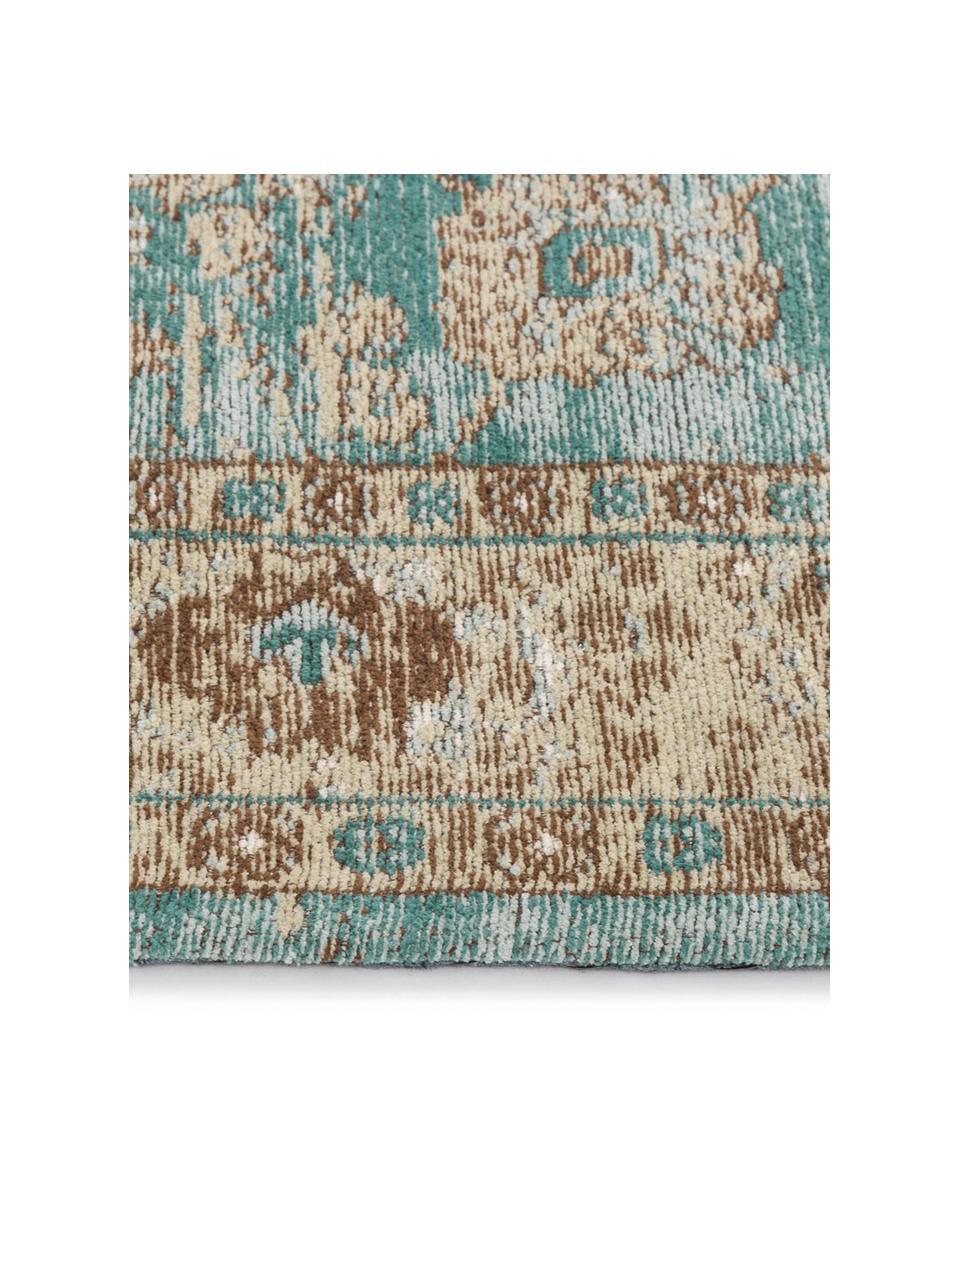 Vintage chenille vloerkleed Rimini in turquoise-bruin, handgeweven, Bovenzijde: 95% katoen, 5% polyester, Onderzijde: 100% katoen, Turquoise, taupe, bruin, B 120 x L 180 cm (maat S)